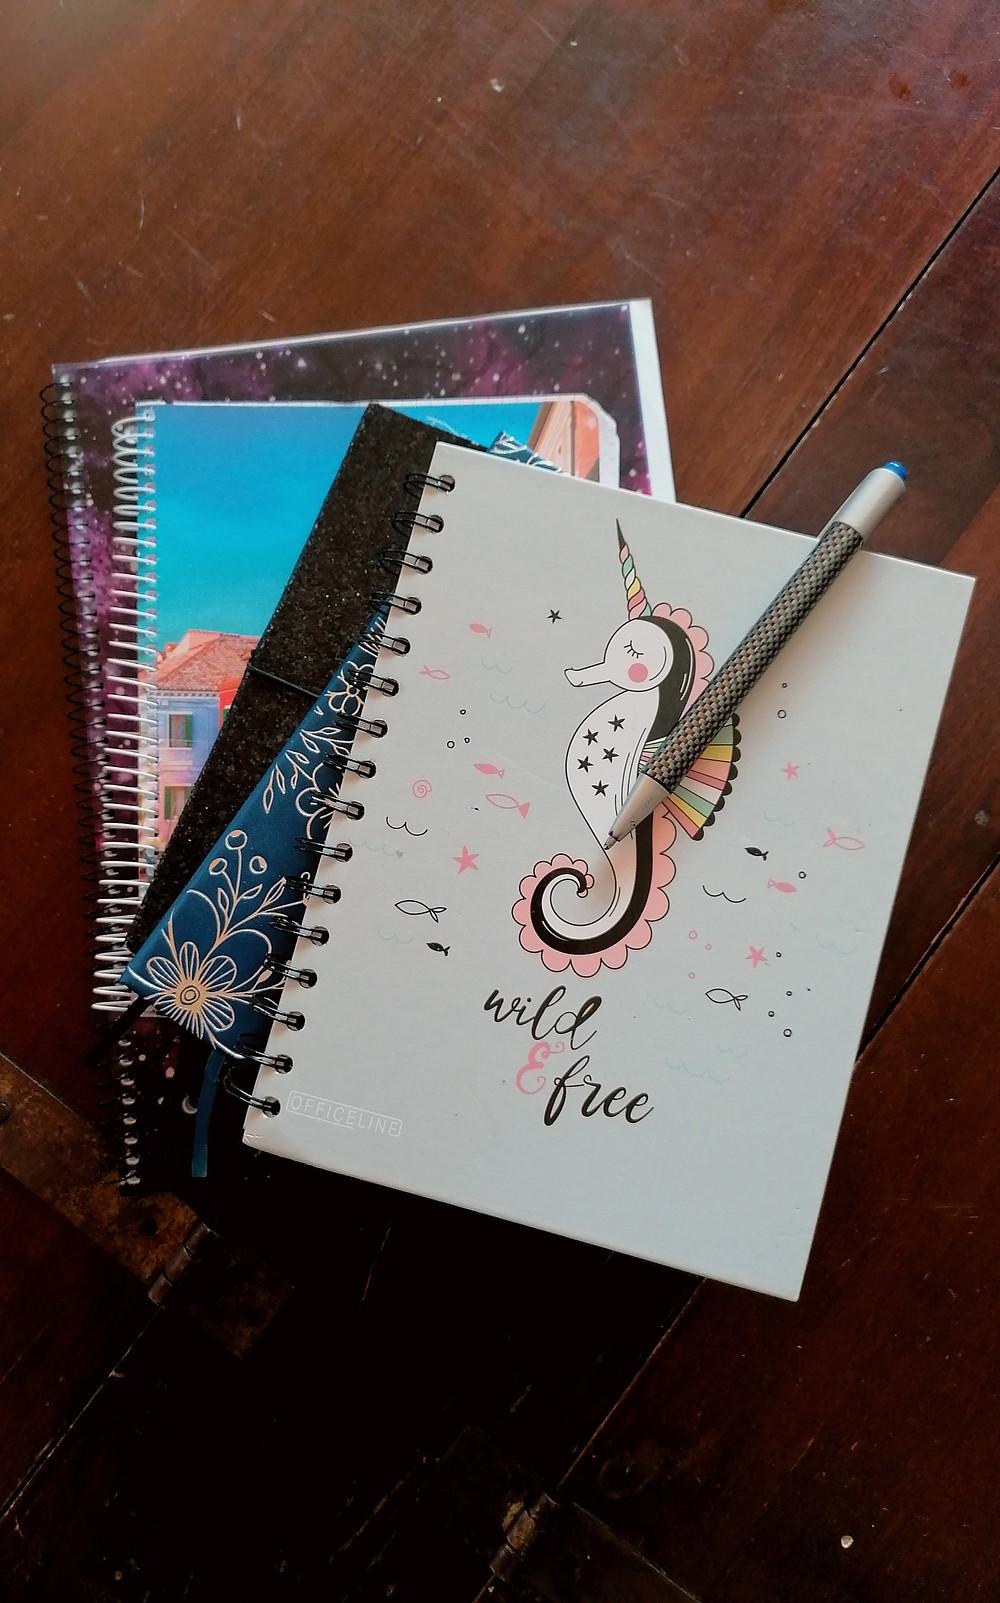 Ein stapel unterschiedlicher Notizbücher mit einem Kugelschreiber auf hölzernem Untergrund